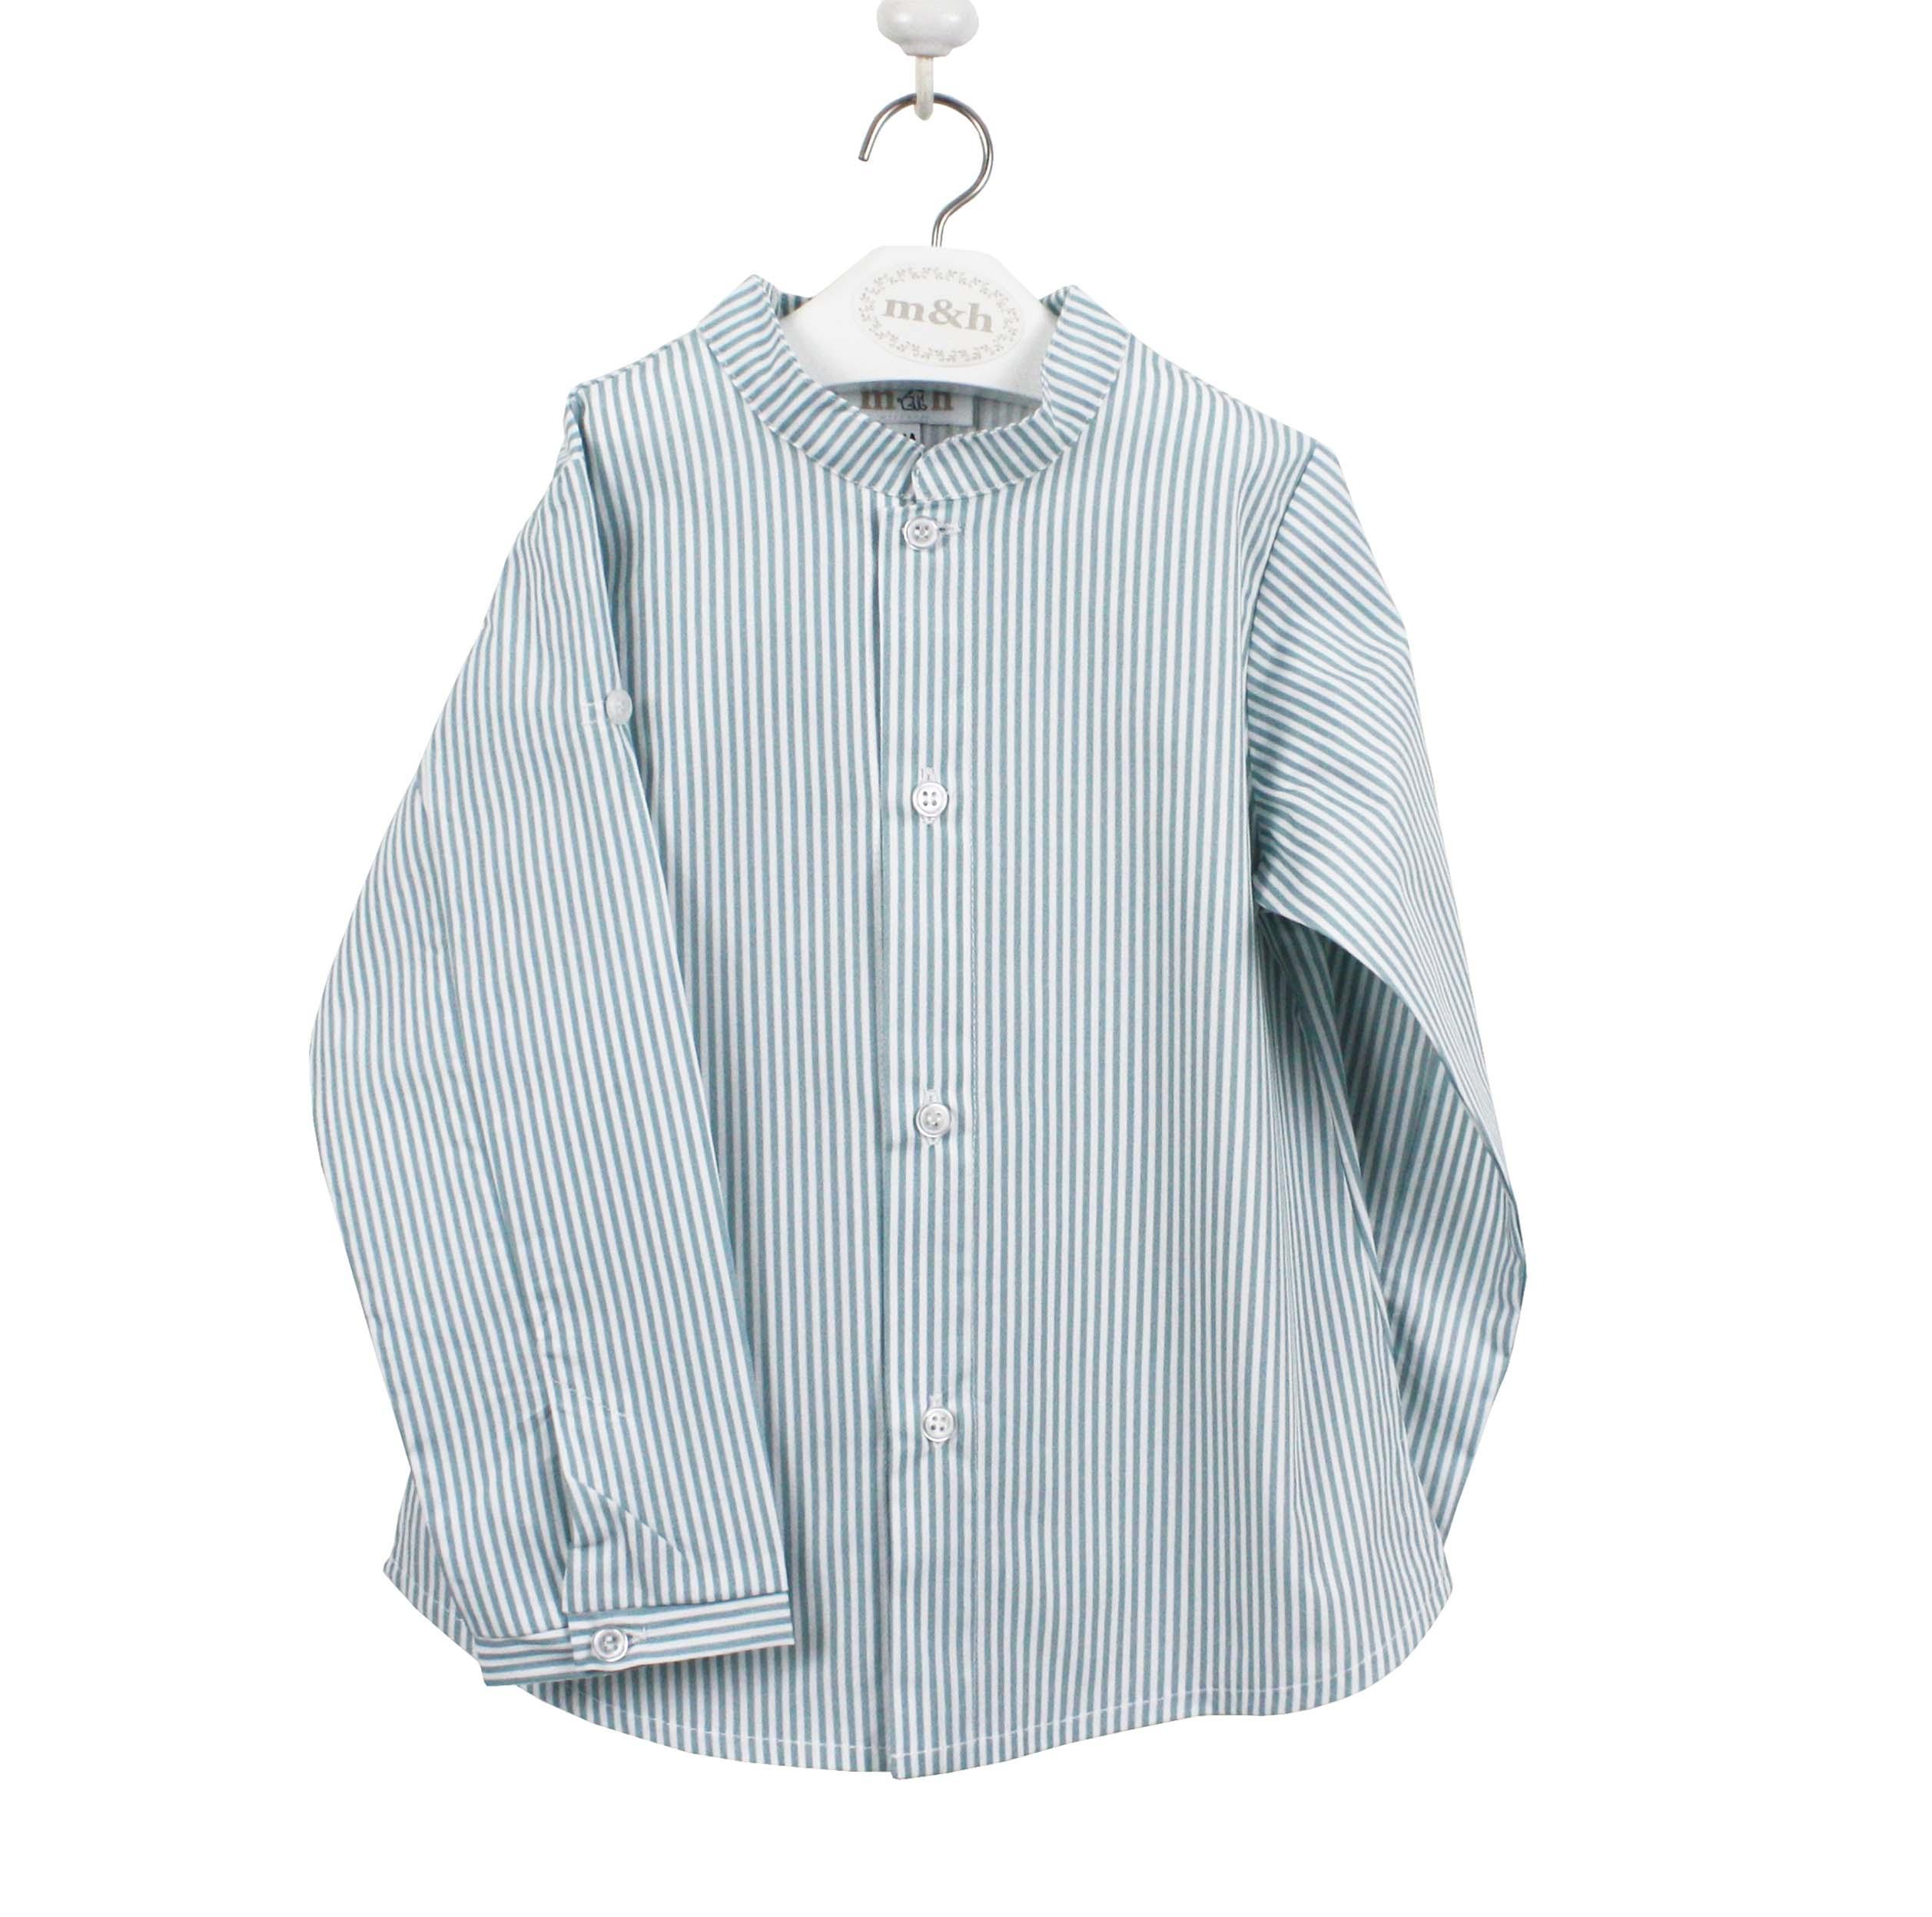 3059e8cdb7 Camisa mao raya verde